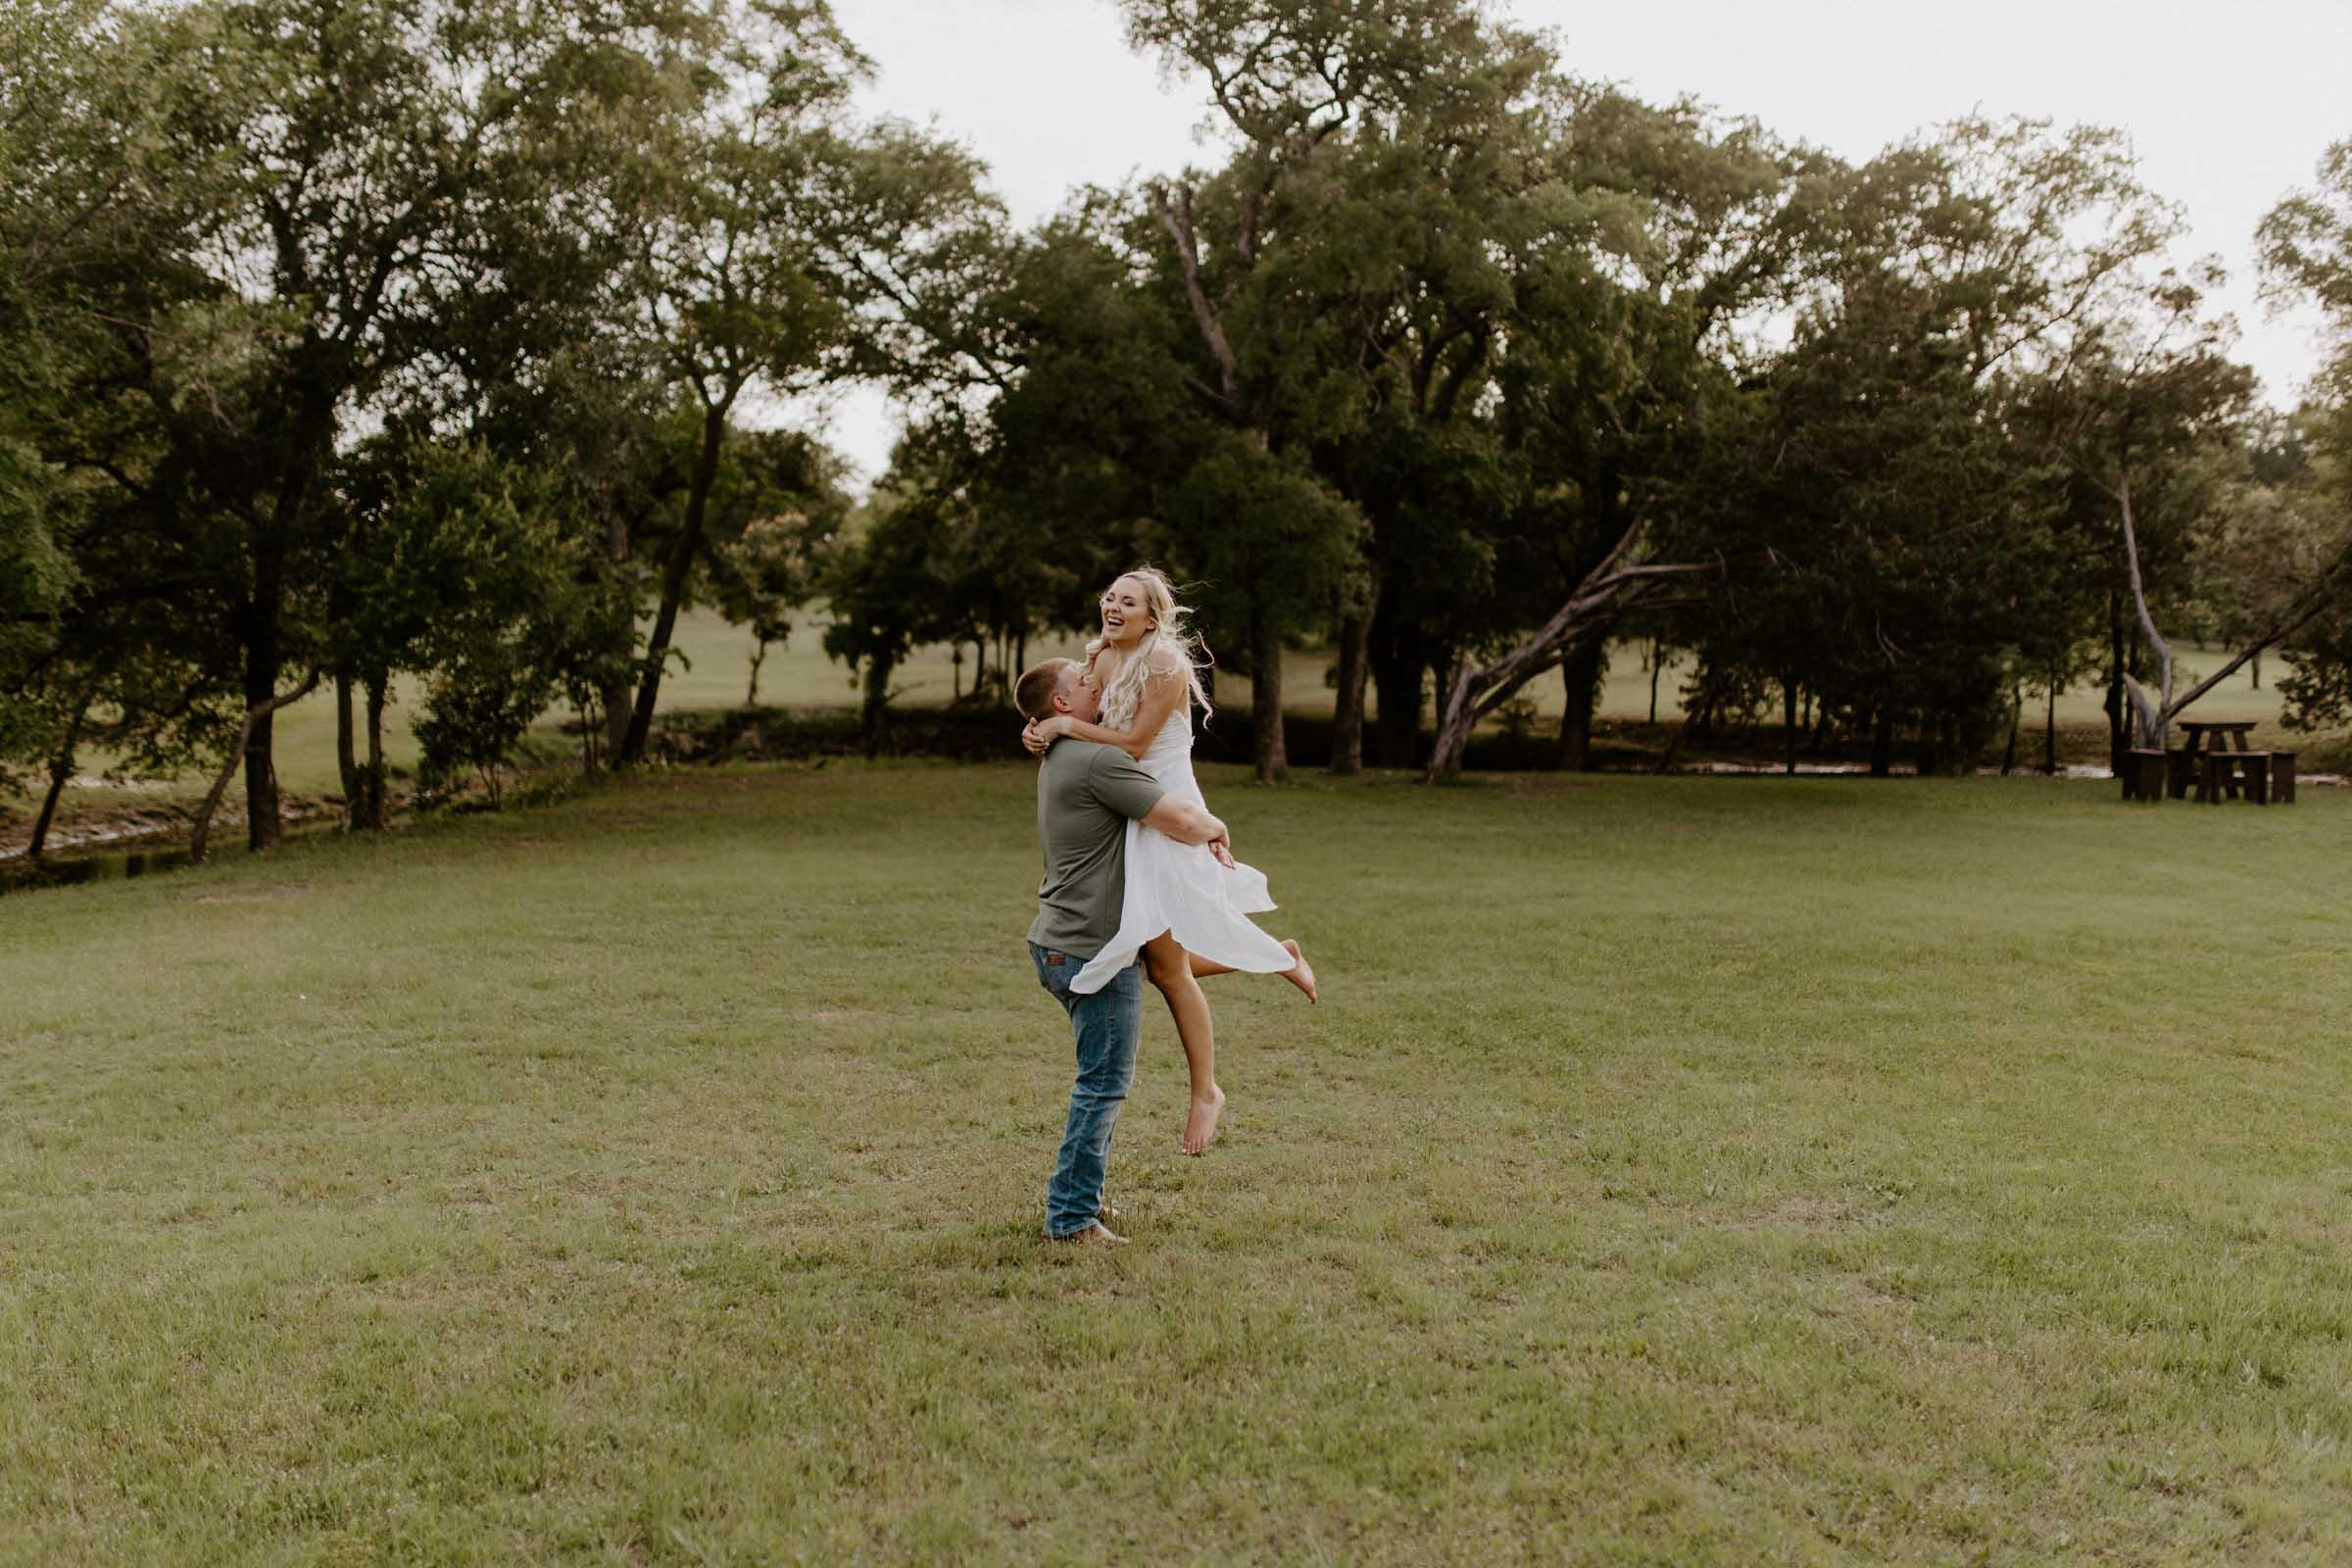 Boy spinning girl around in Fort Worth